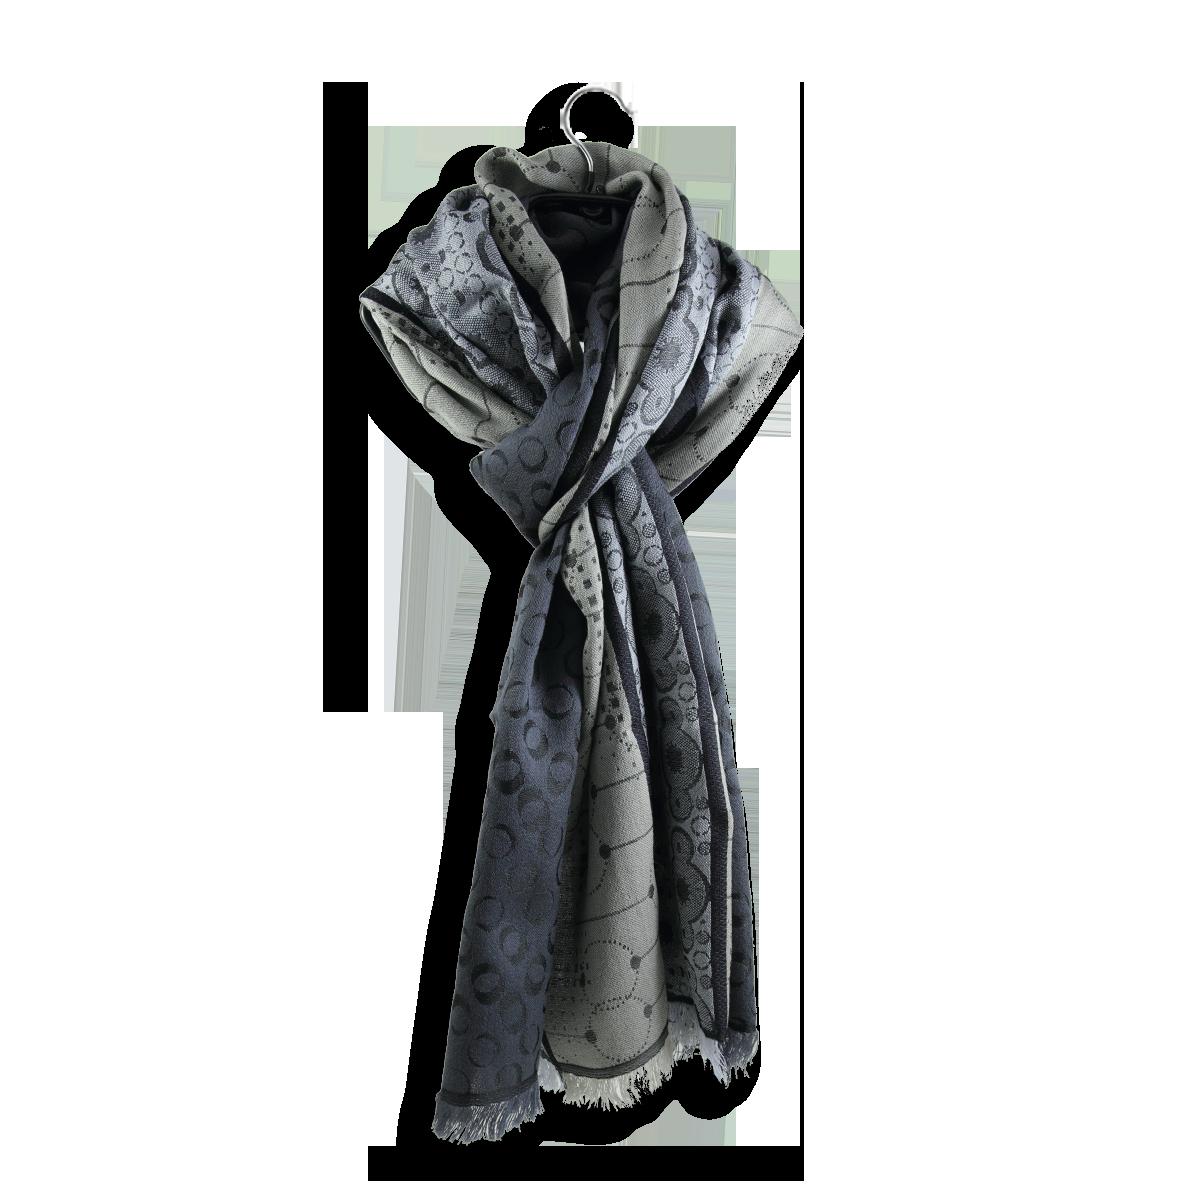 eb734665665c Echarpe Homme Gris à motifs arrondis - Echarpe en laine et soie